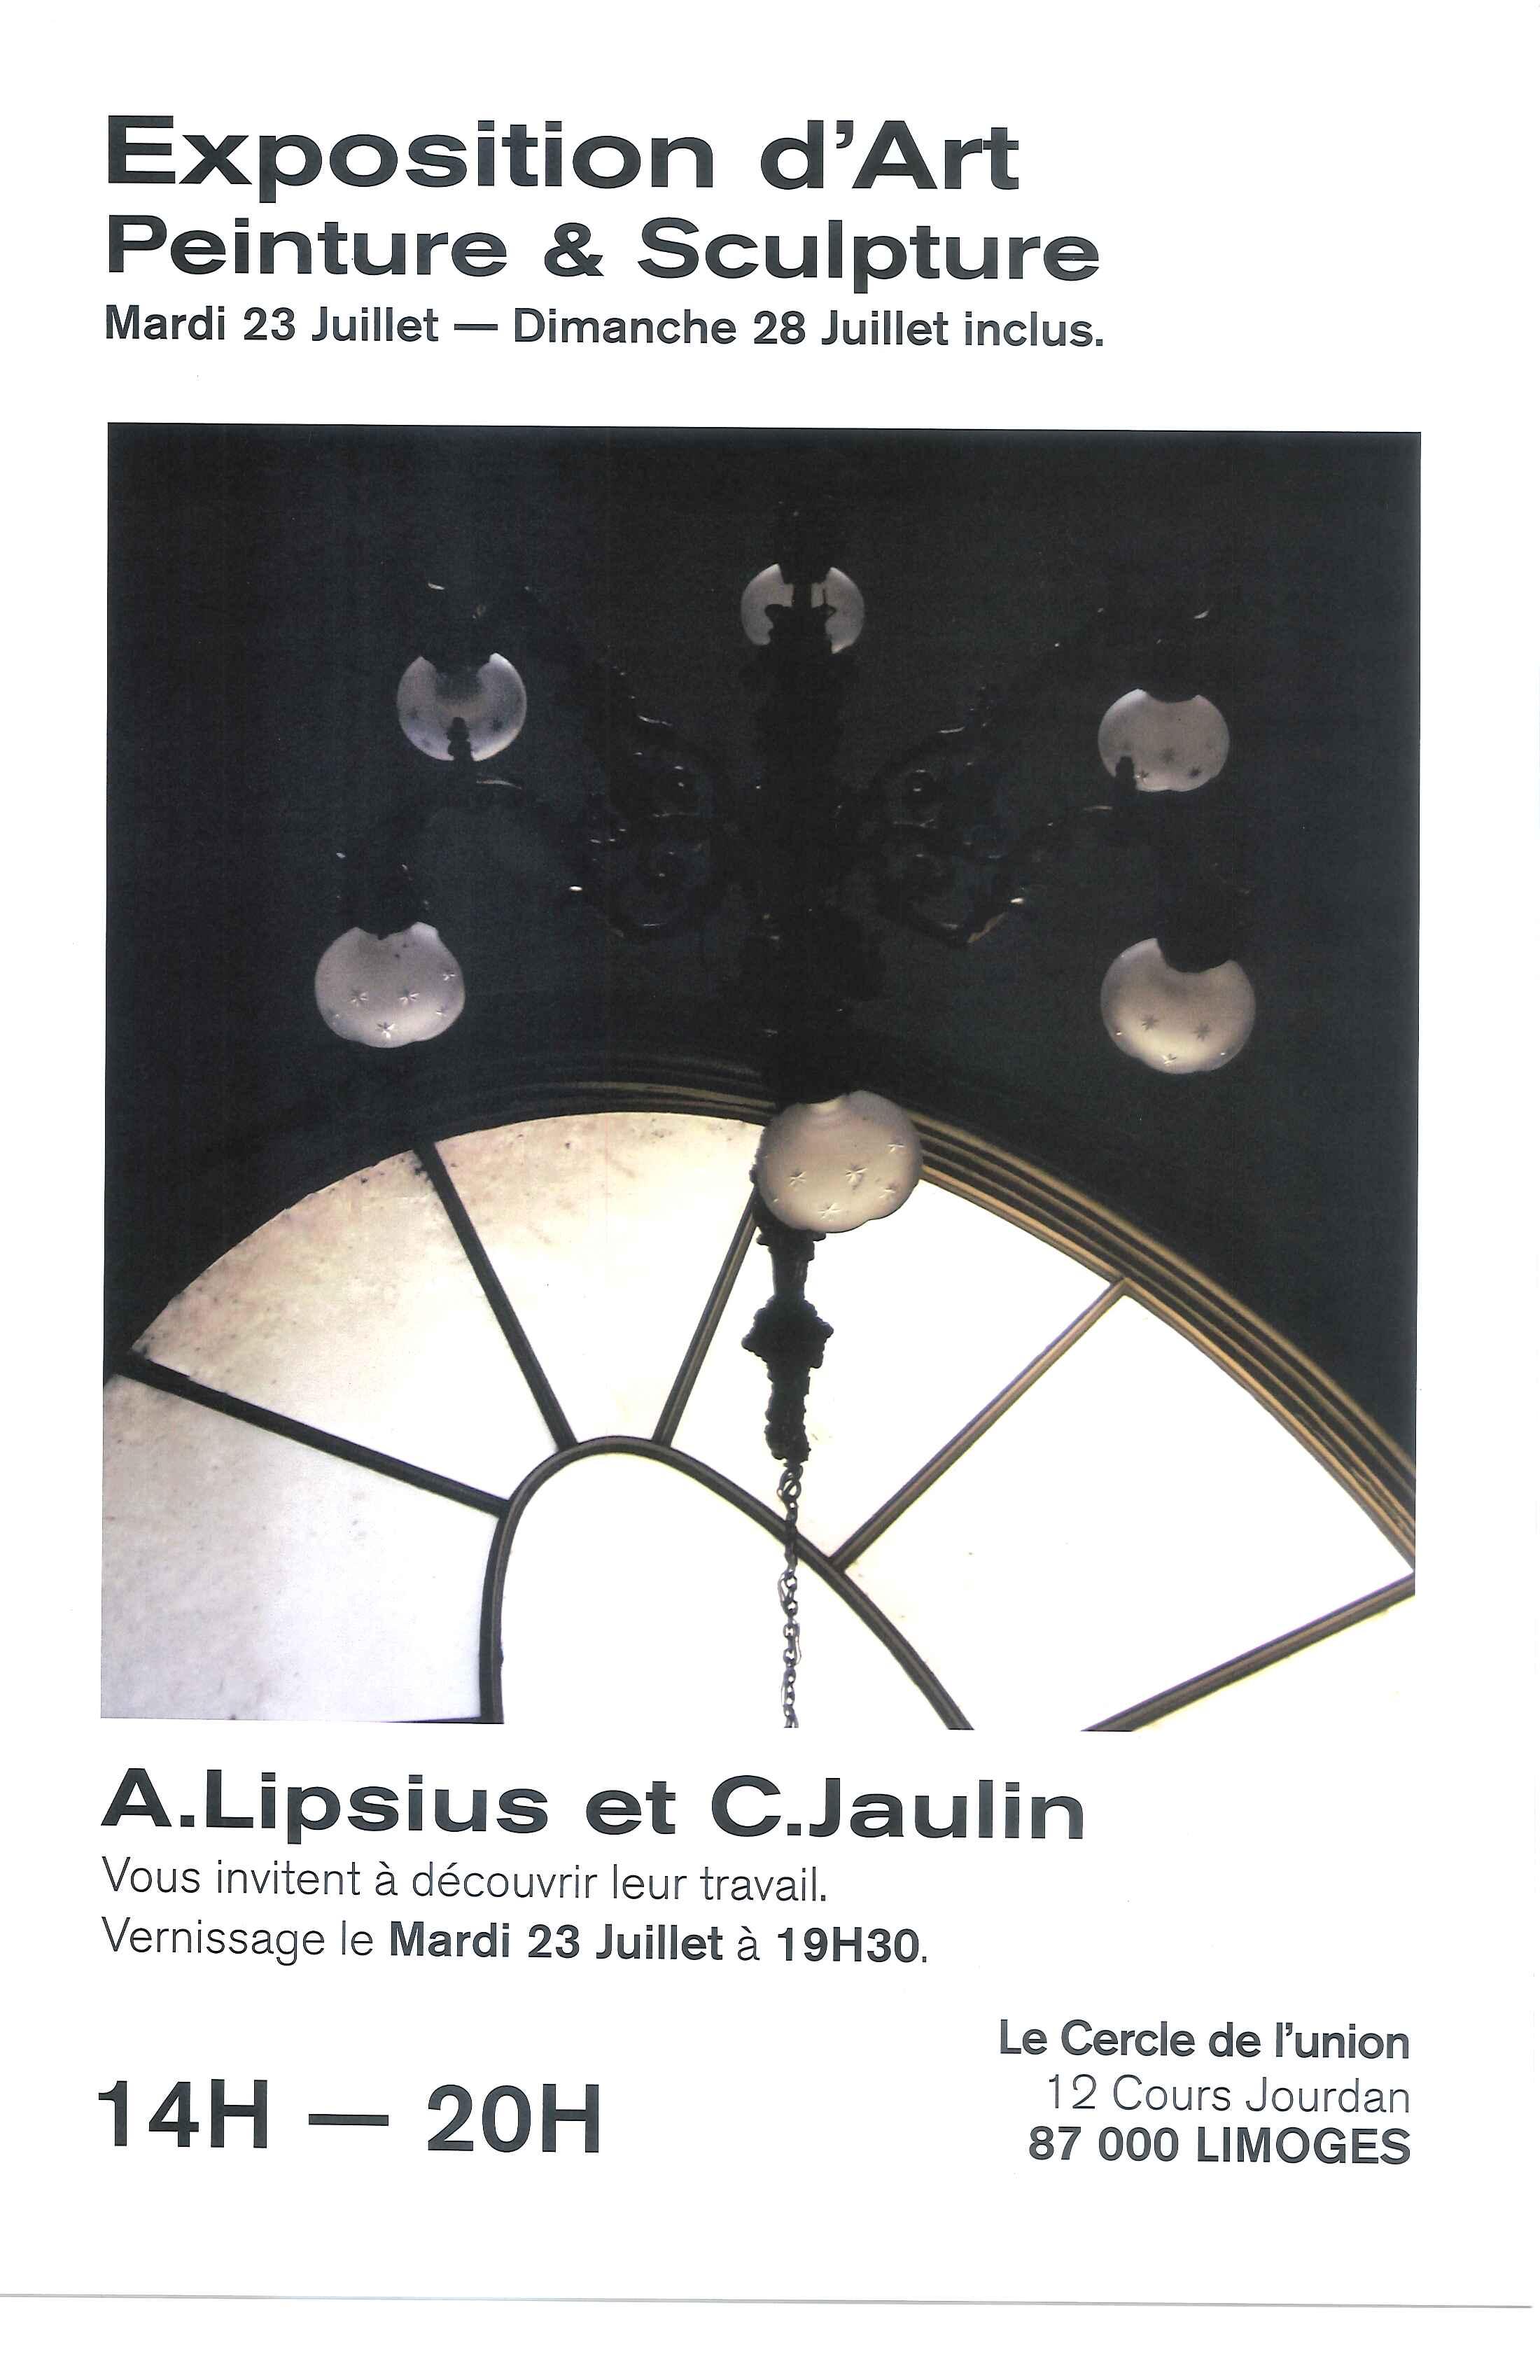 Limoges : Peinture et sculpture au Cercle de l'Union